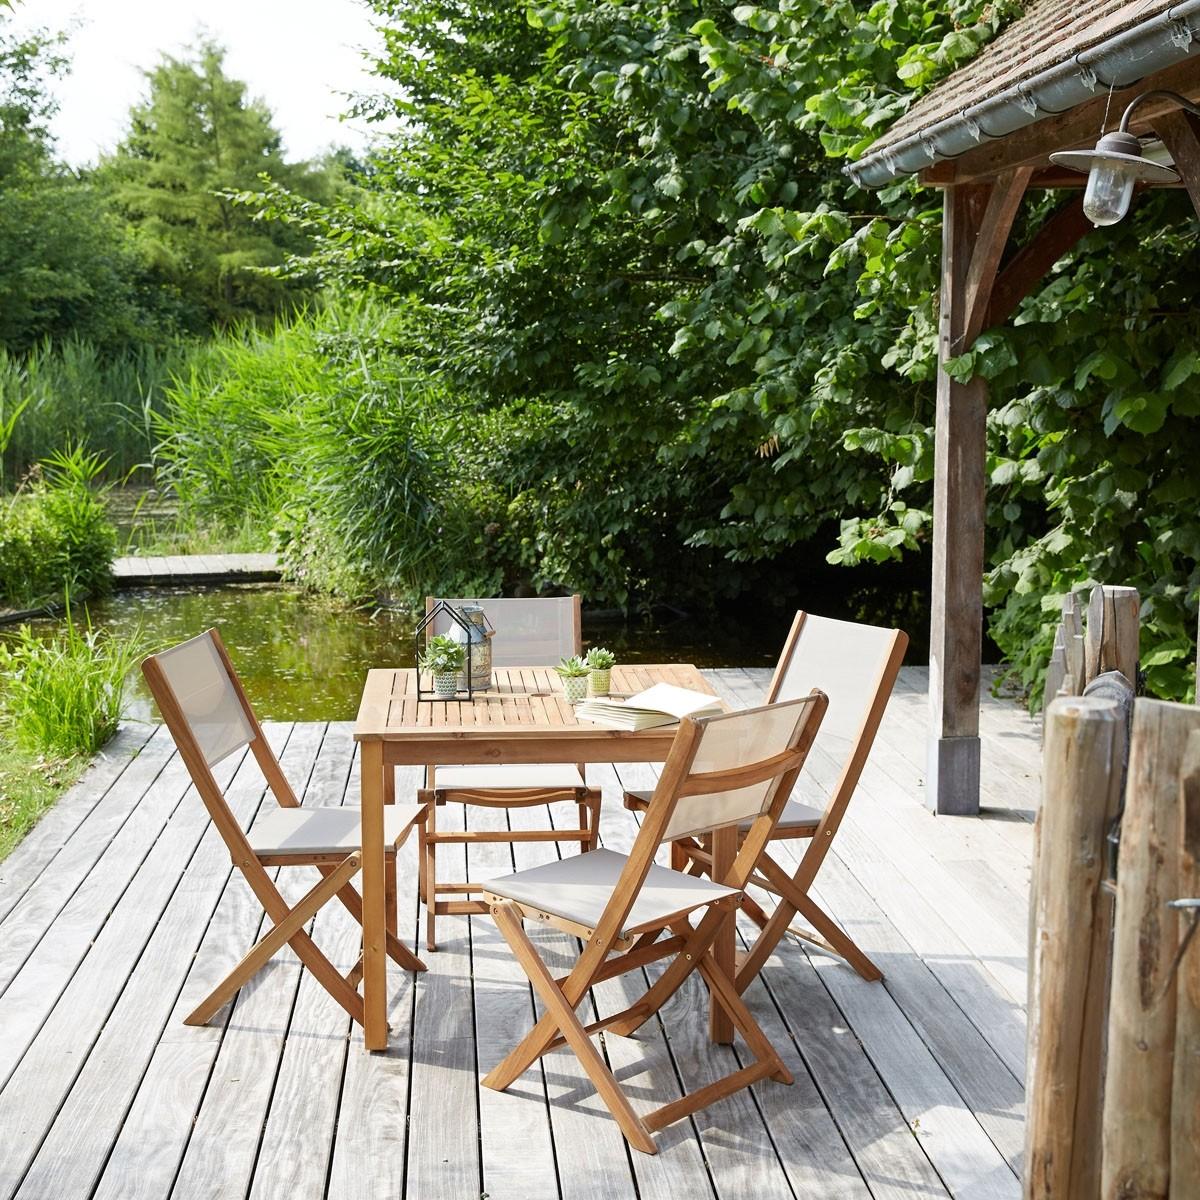 Salon de jardin en bois d\'acacia FSC 4 places - Bois dessus bois ...